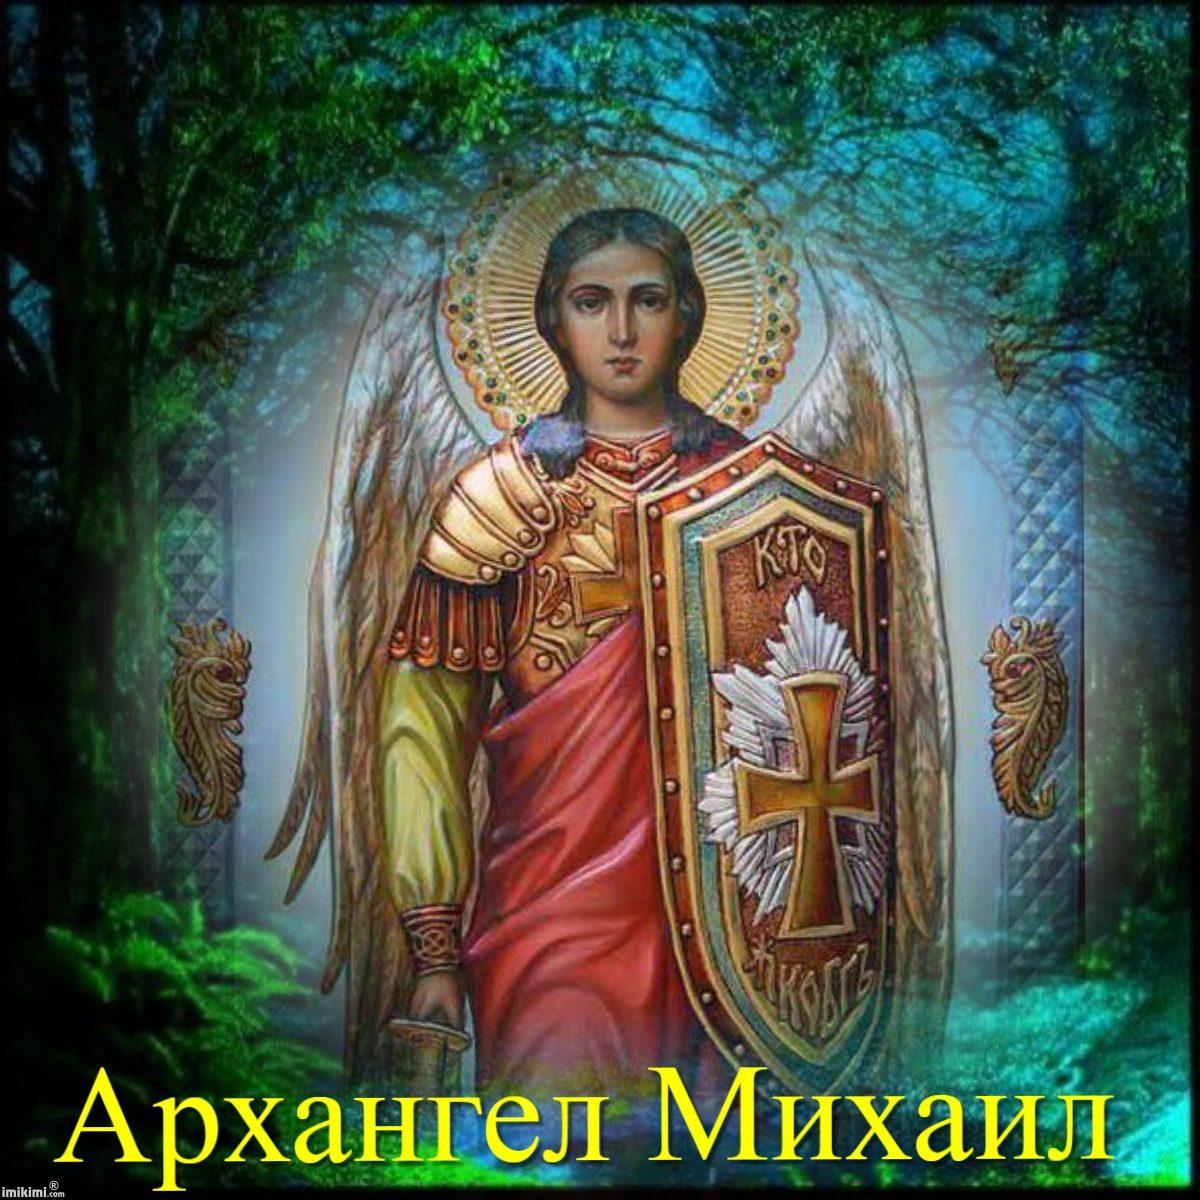 Днем, с днем михаила архангела открытка